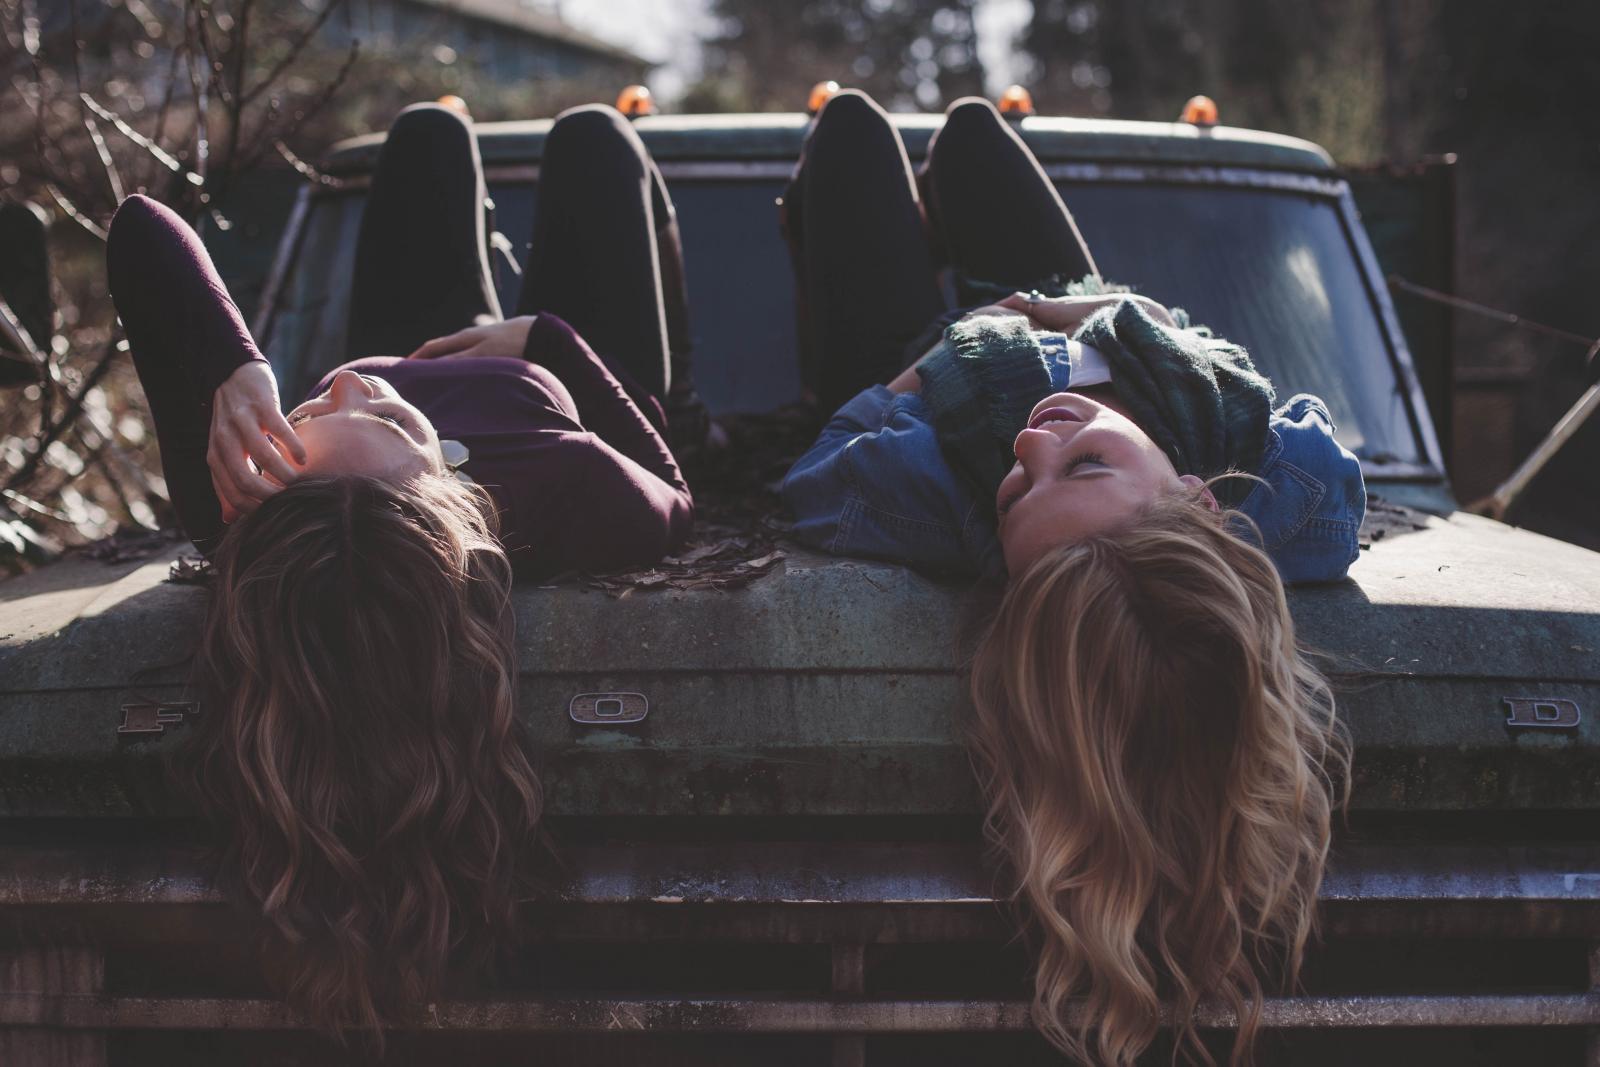 Prava prijateljica je ona koja vas ne osuđuje, kakav god bio vaš način života i situacija u kojoj se nalazite.